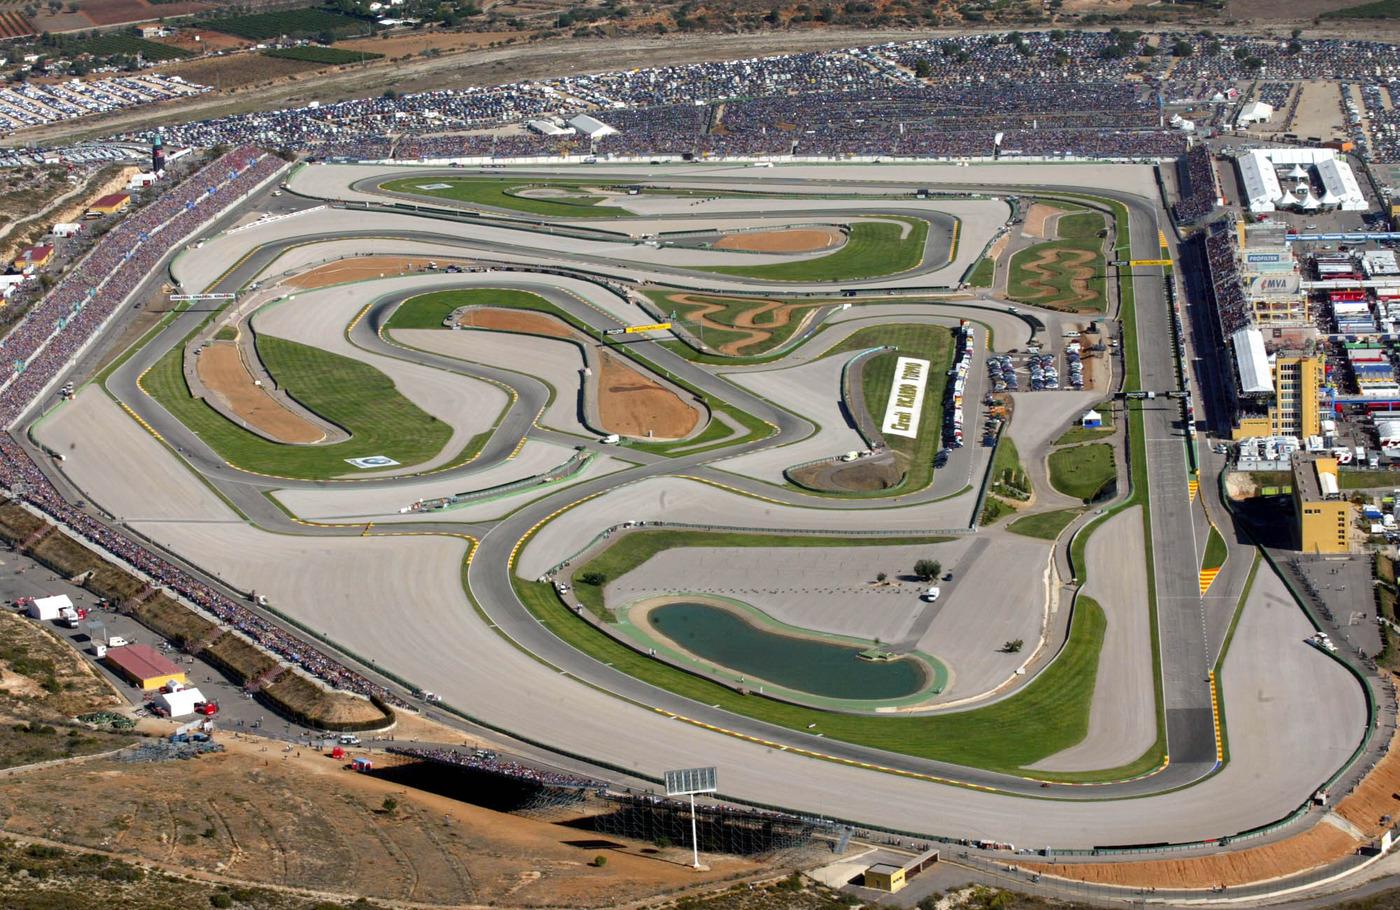 Circuito De Jerez : El circuito de jerez llevará el nombre de Ángel nieto